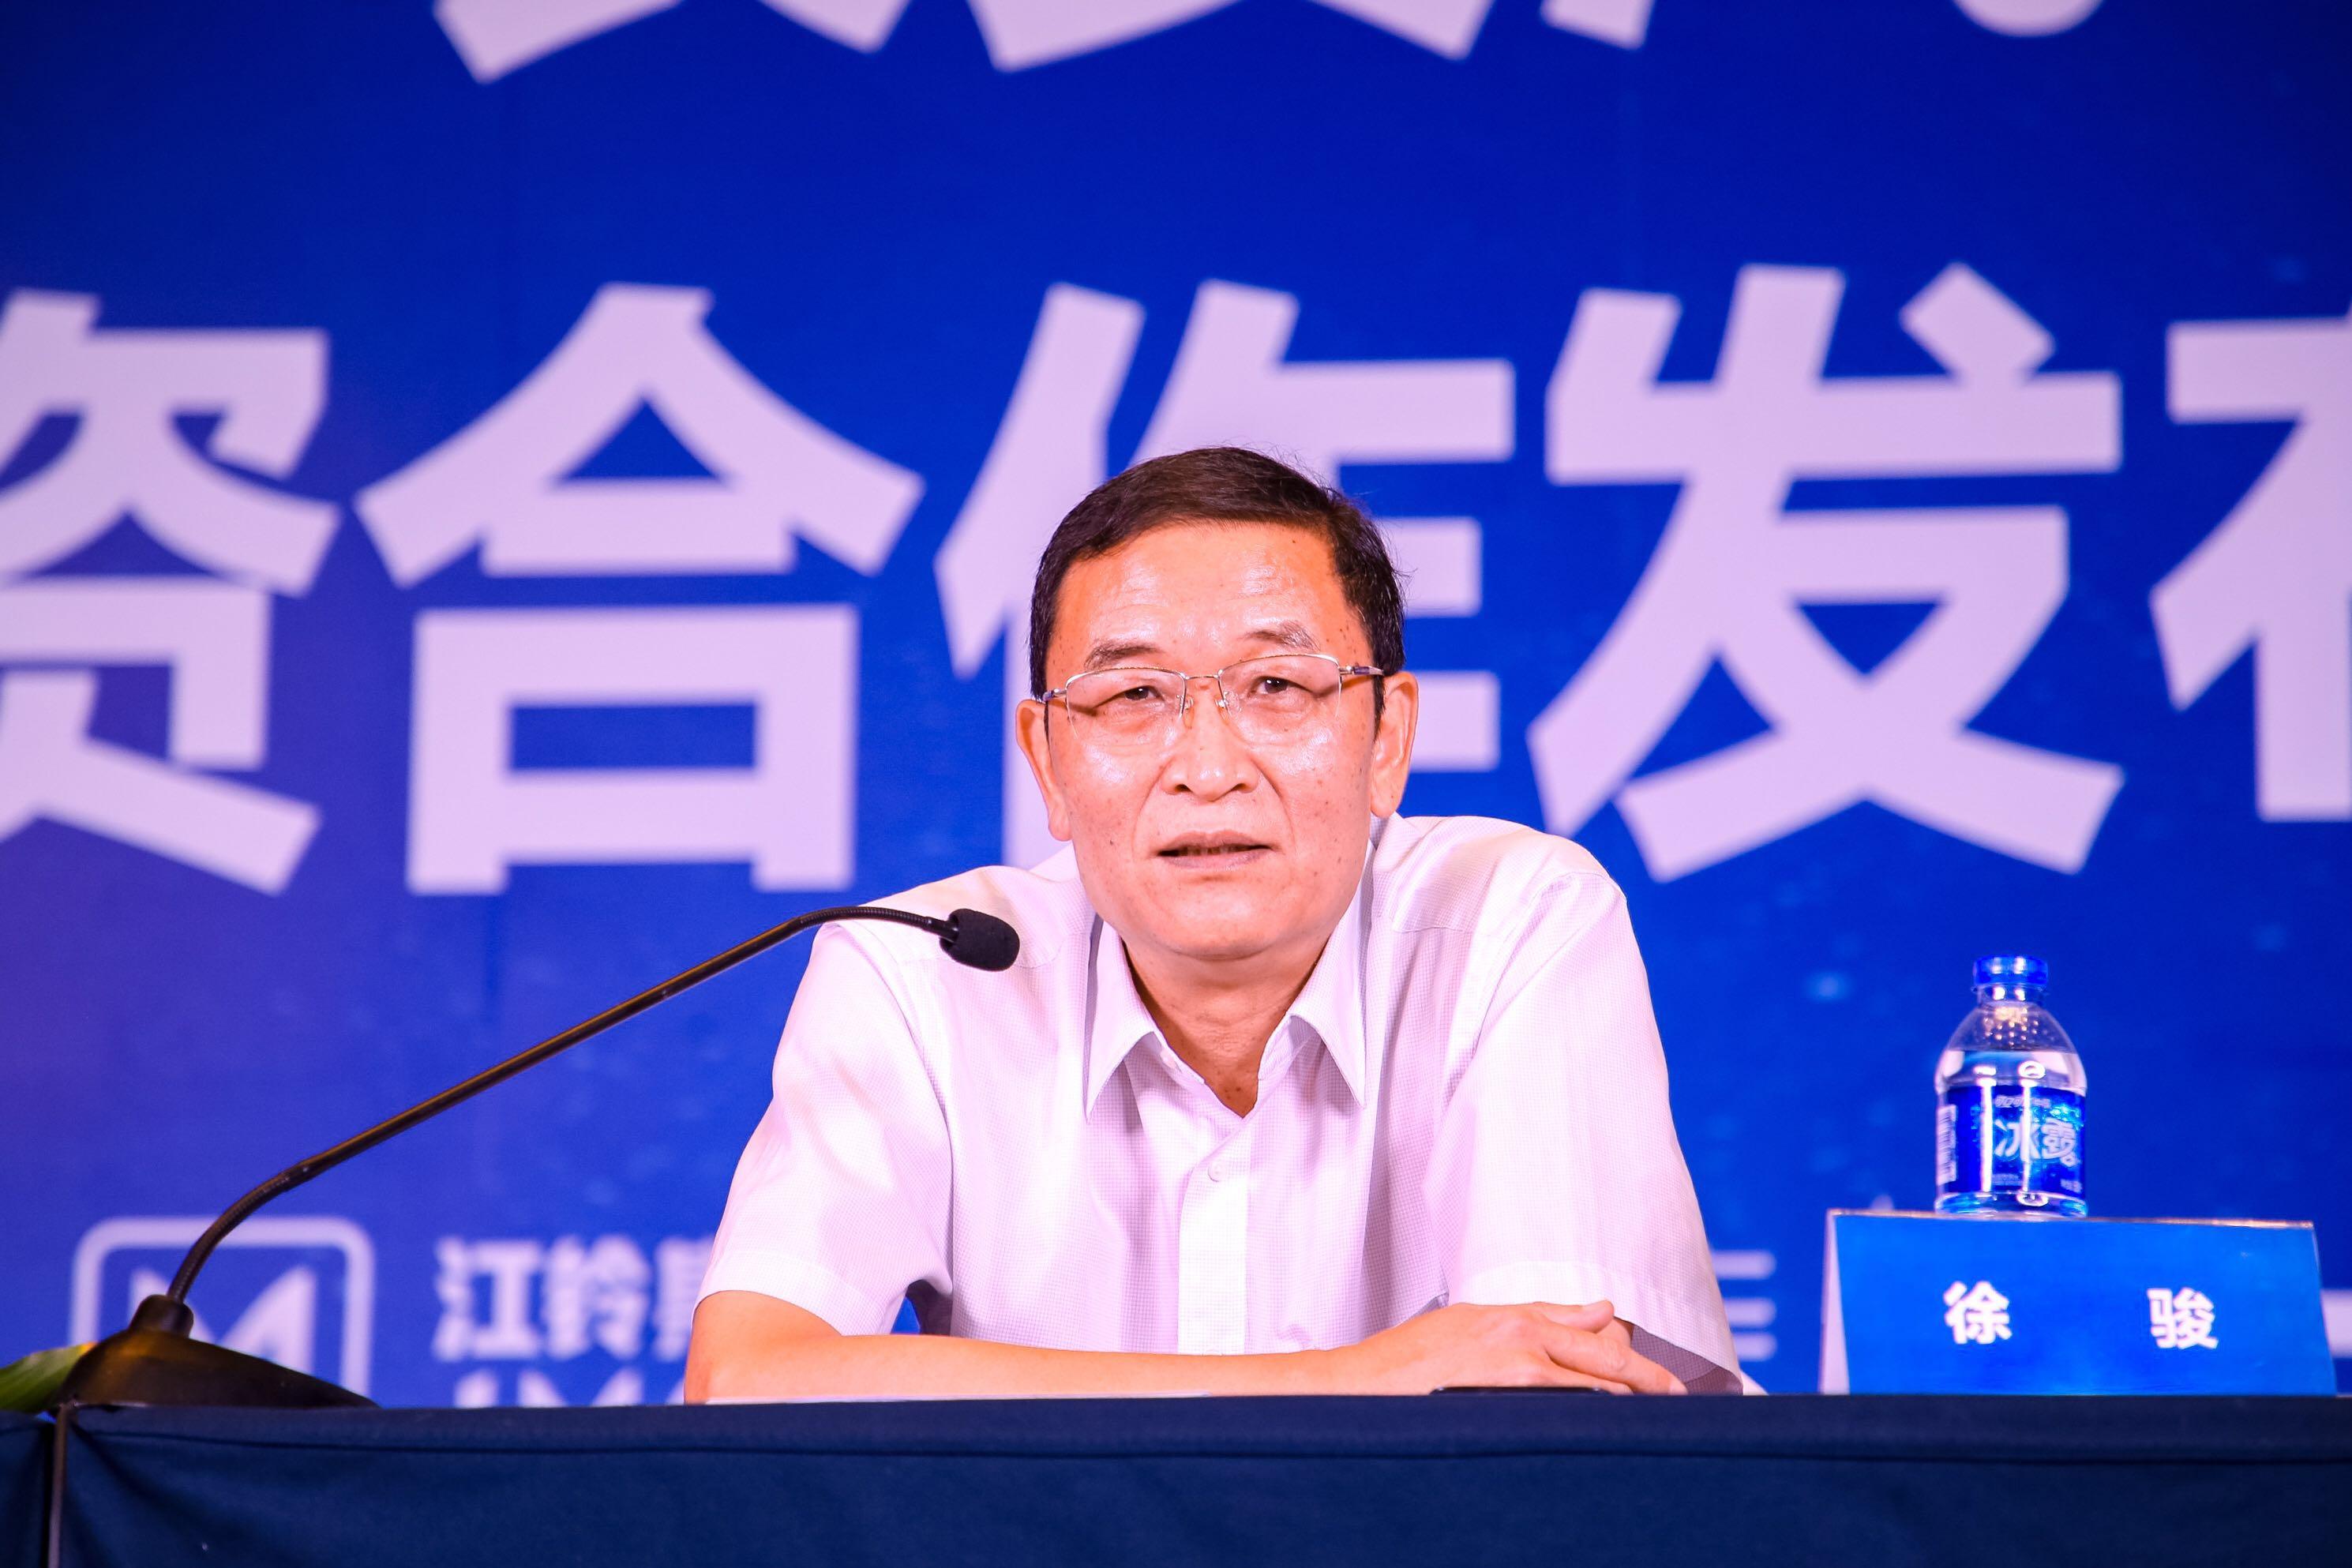 爱驰汽车联合创始人兼联席总裁、江铃控股总裁徐骏.jpg